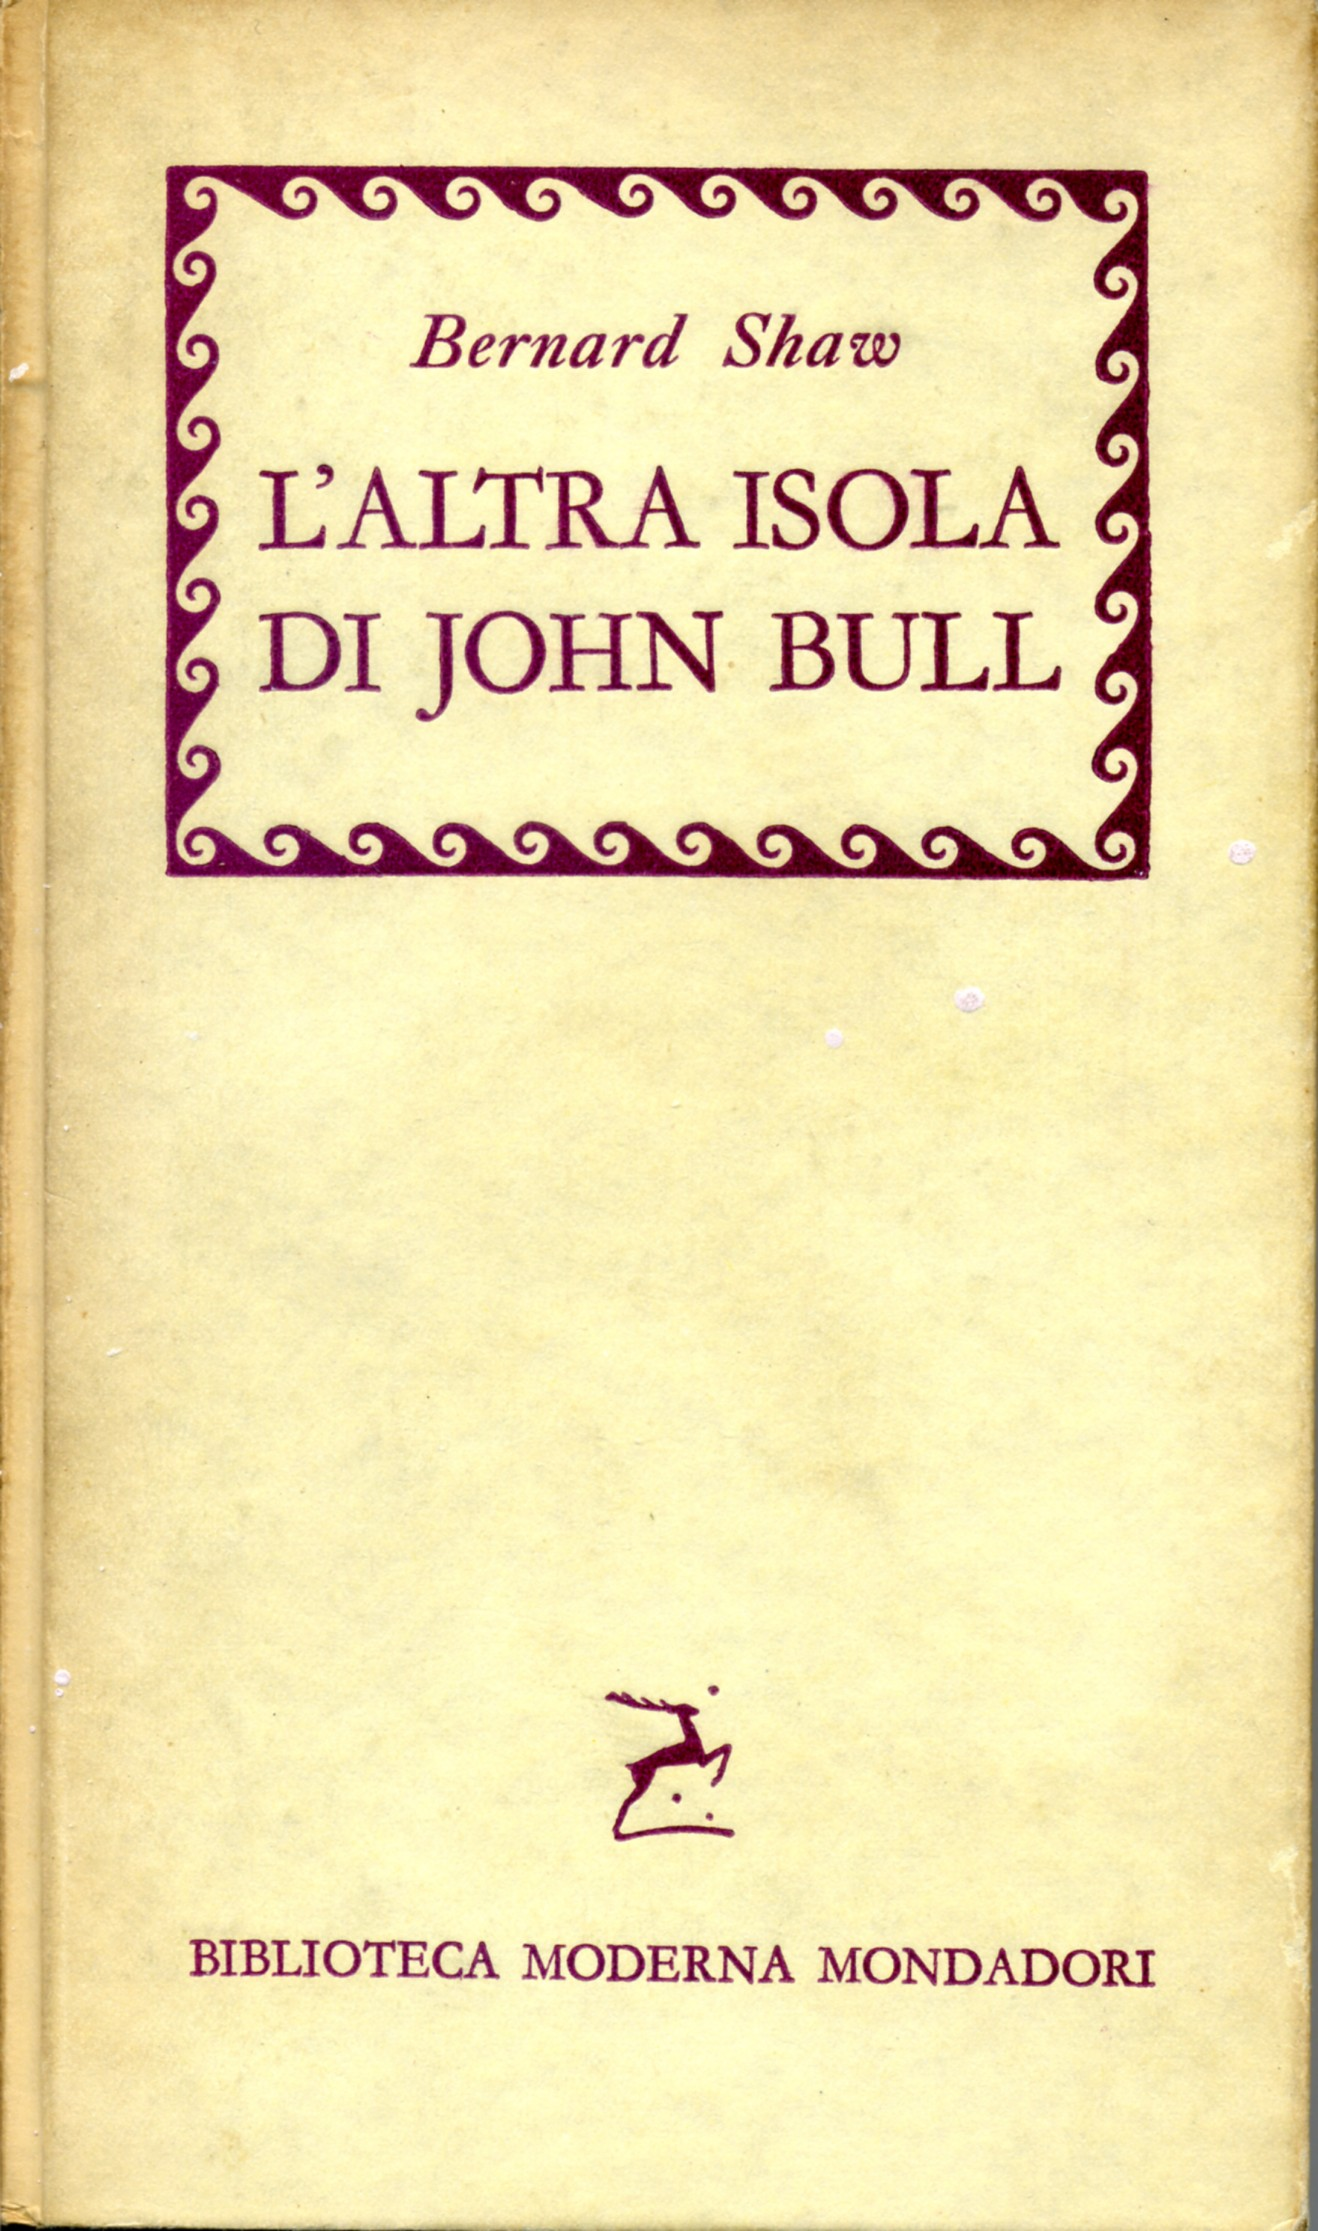 L'altra isola di John Bull